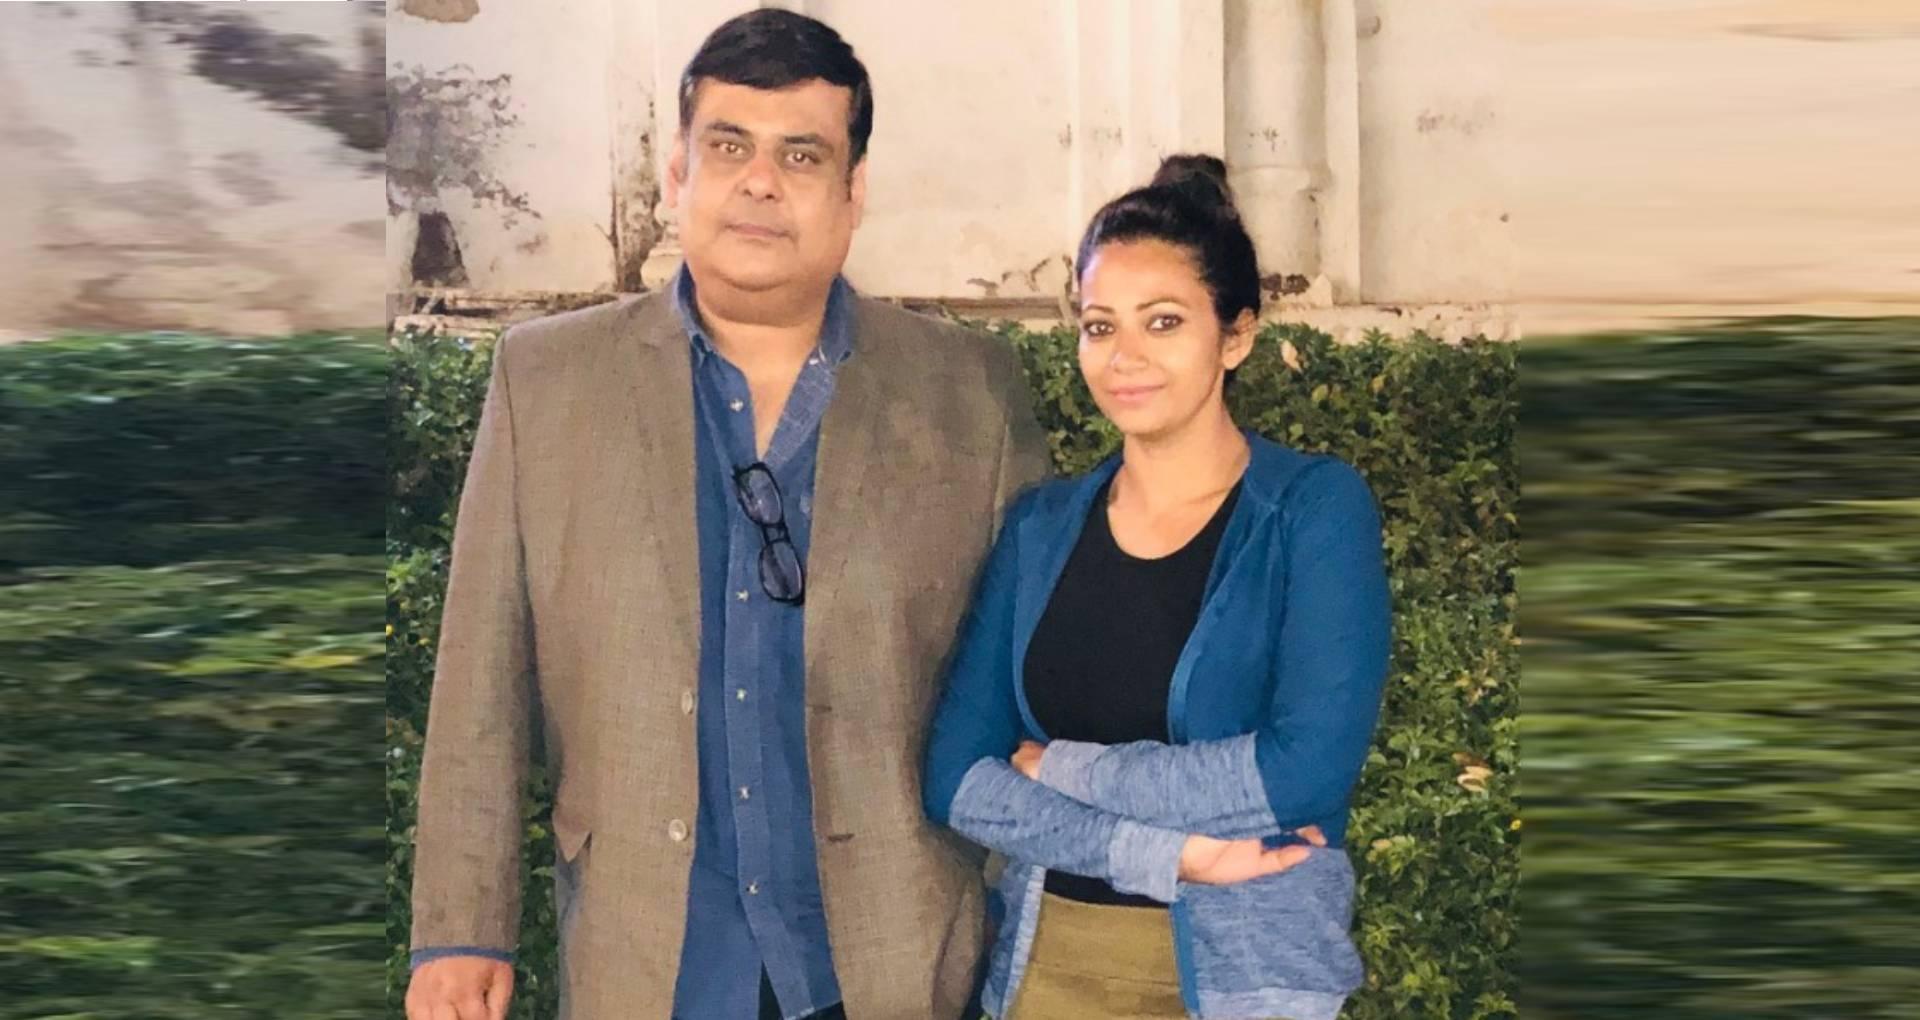 नवाज़ुद्दीन सिद्दीकी की पत्नी शुरू करेंगी इस फिल्म से अपना बॉलीवुड सफर, तिग्मांशु धूलिया-संजय मिश्रा देंगे साथ